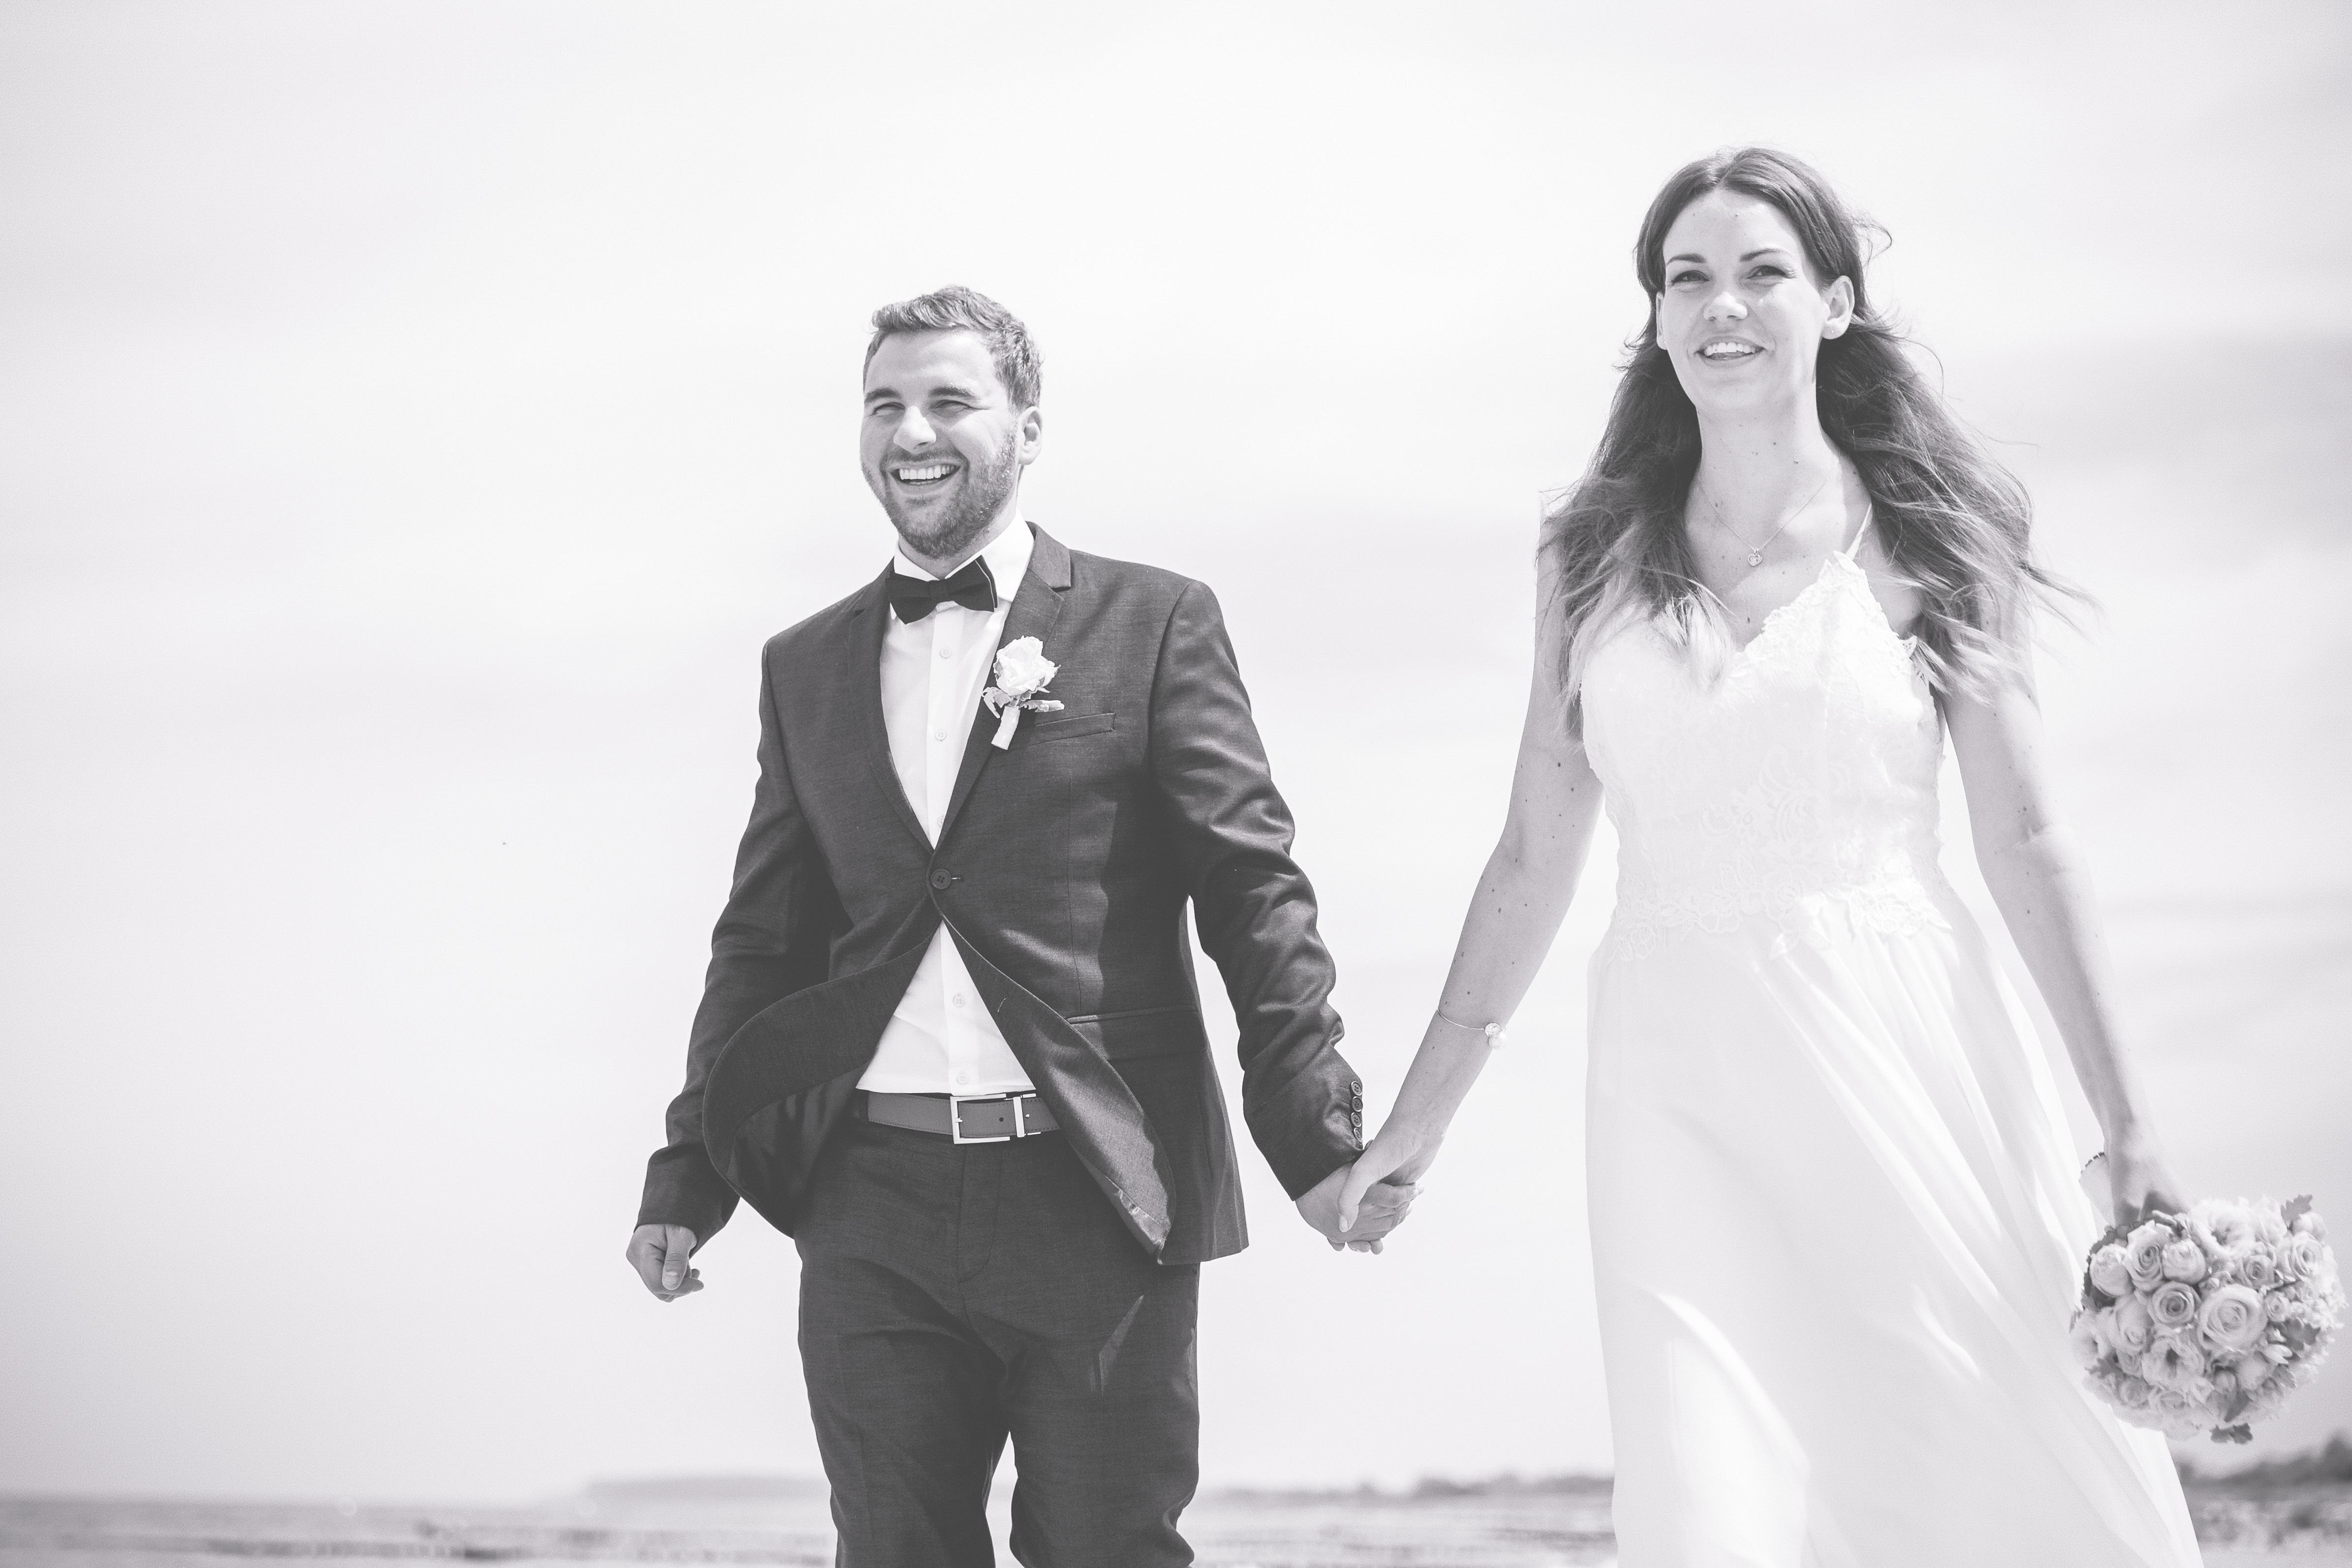 Hochzeitsfoto aufgenommen bei einem Strandspaziergang.